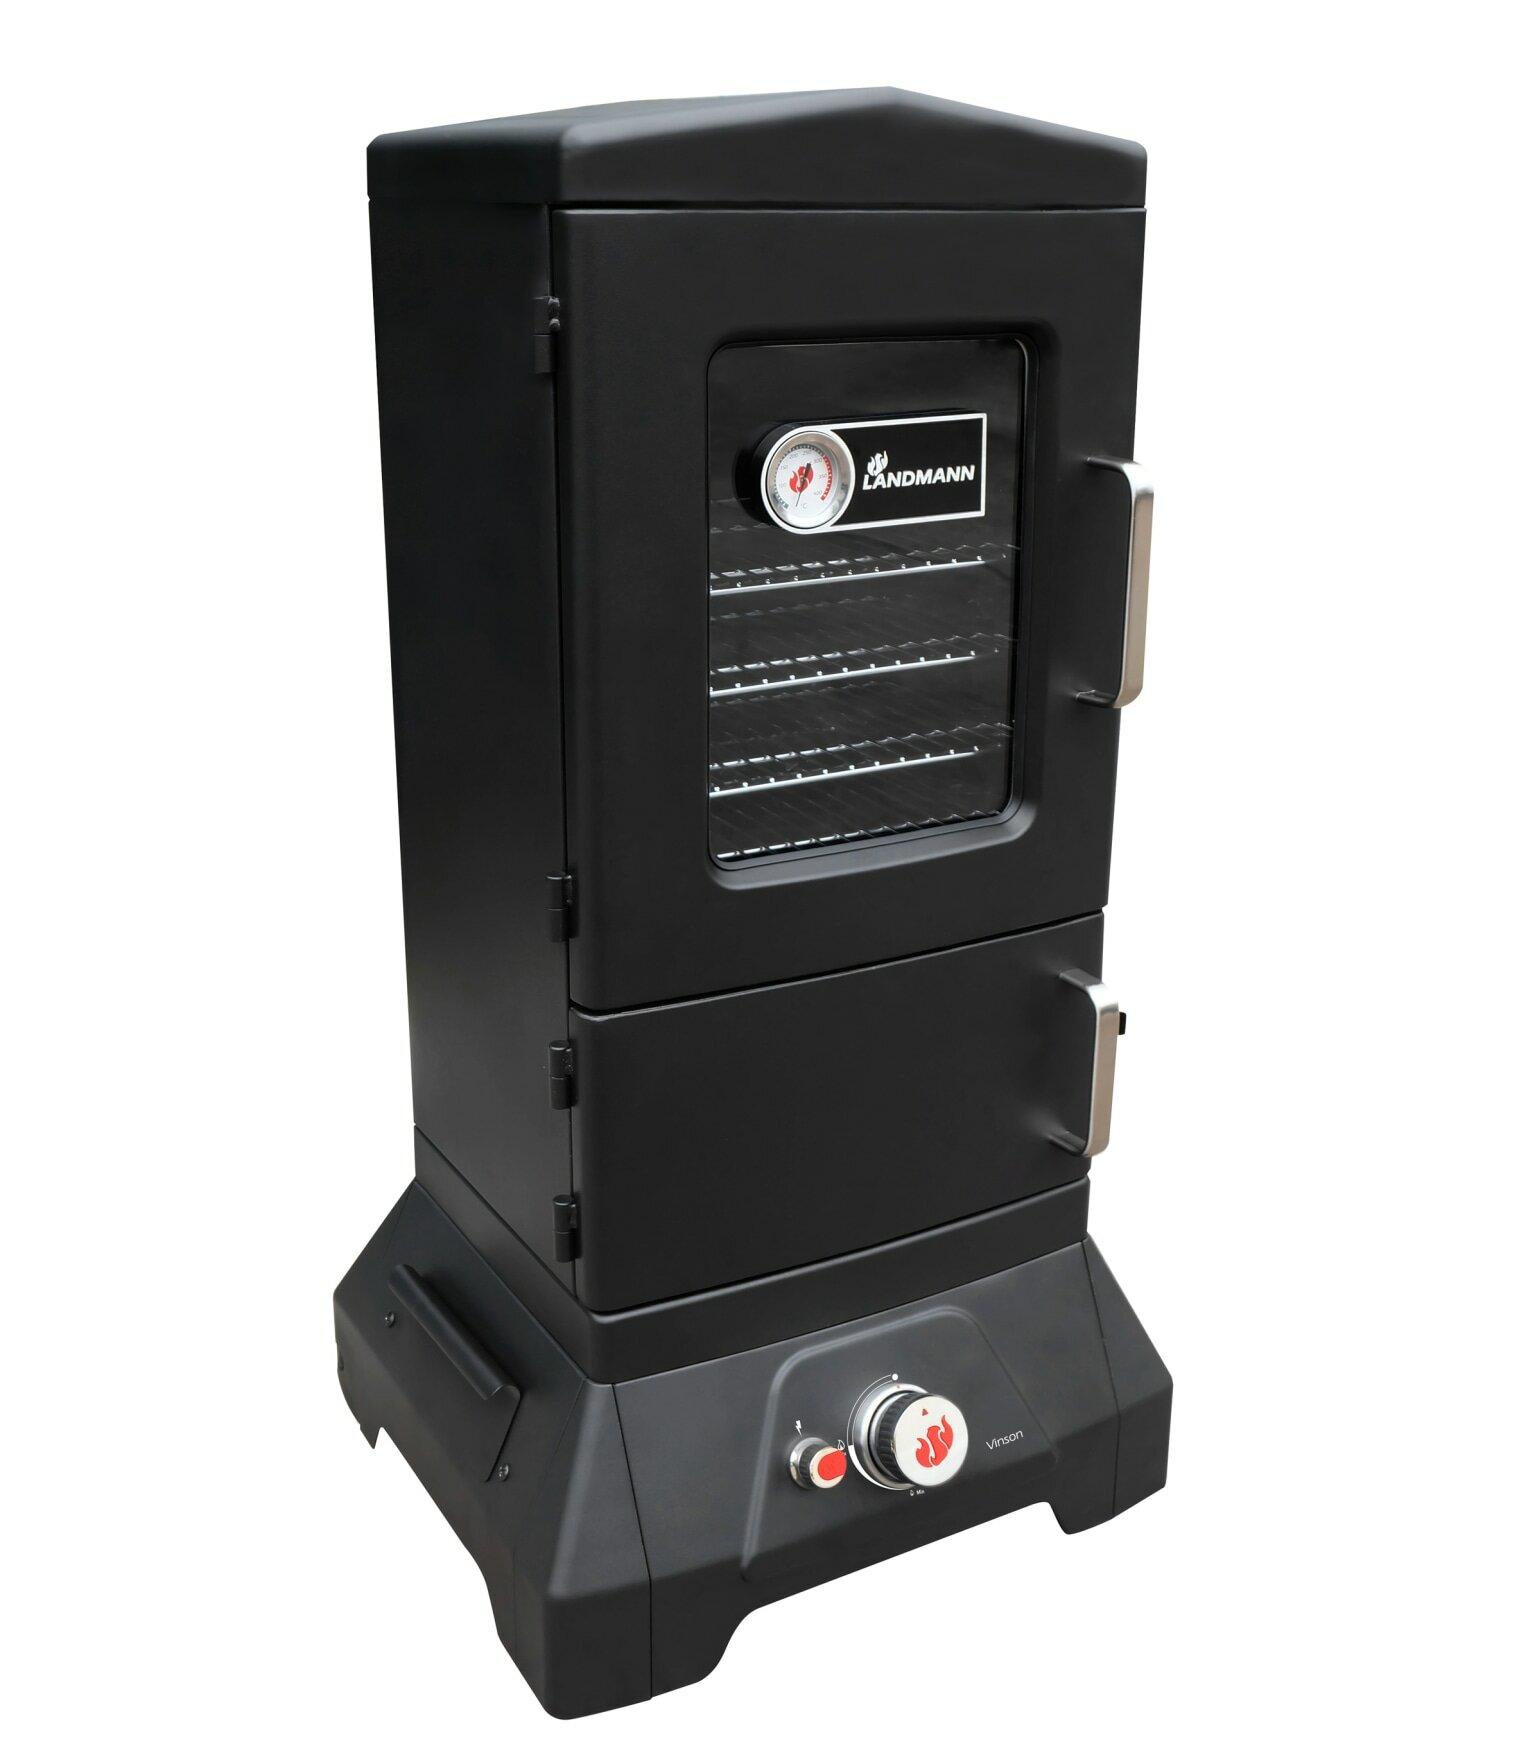 Landmann Wireless Digital BBQ Thermometer